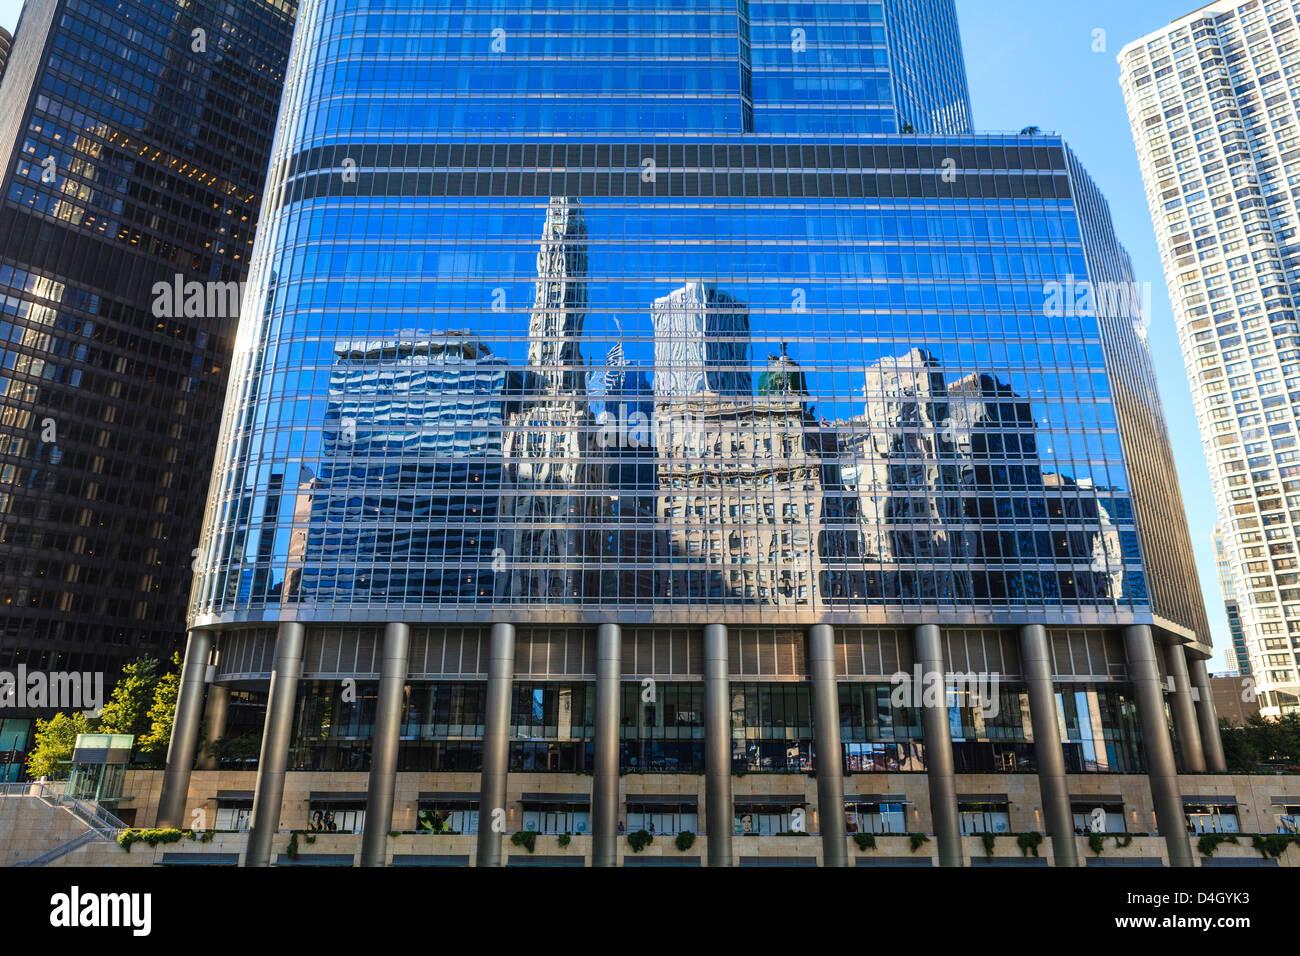 Gratte-ciel sur West Wacker Drive reflète dans la Trump Tower, Chicago, Illinois, États-Unis Photo Stock